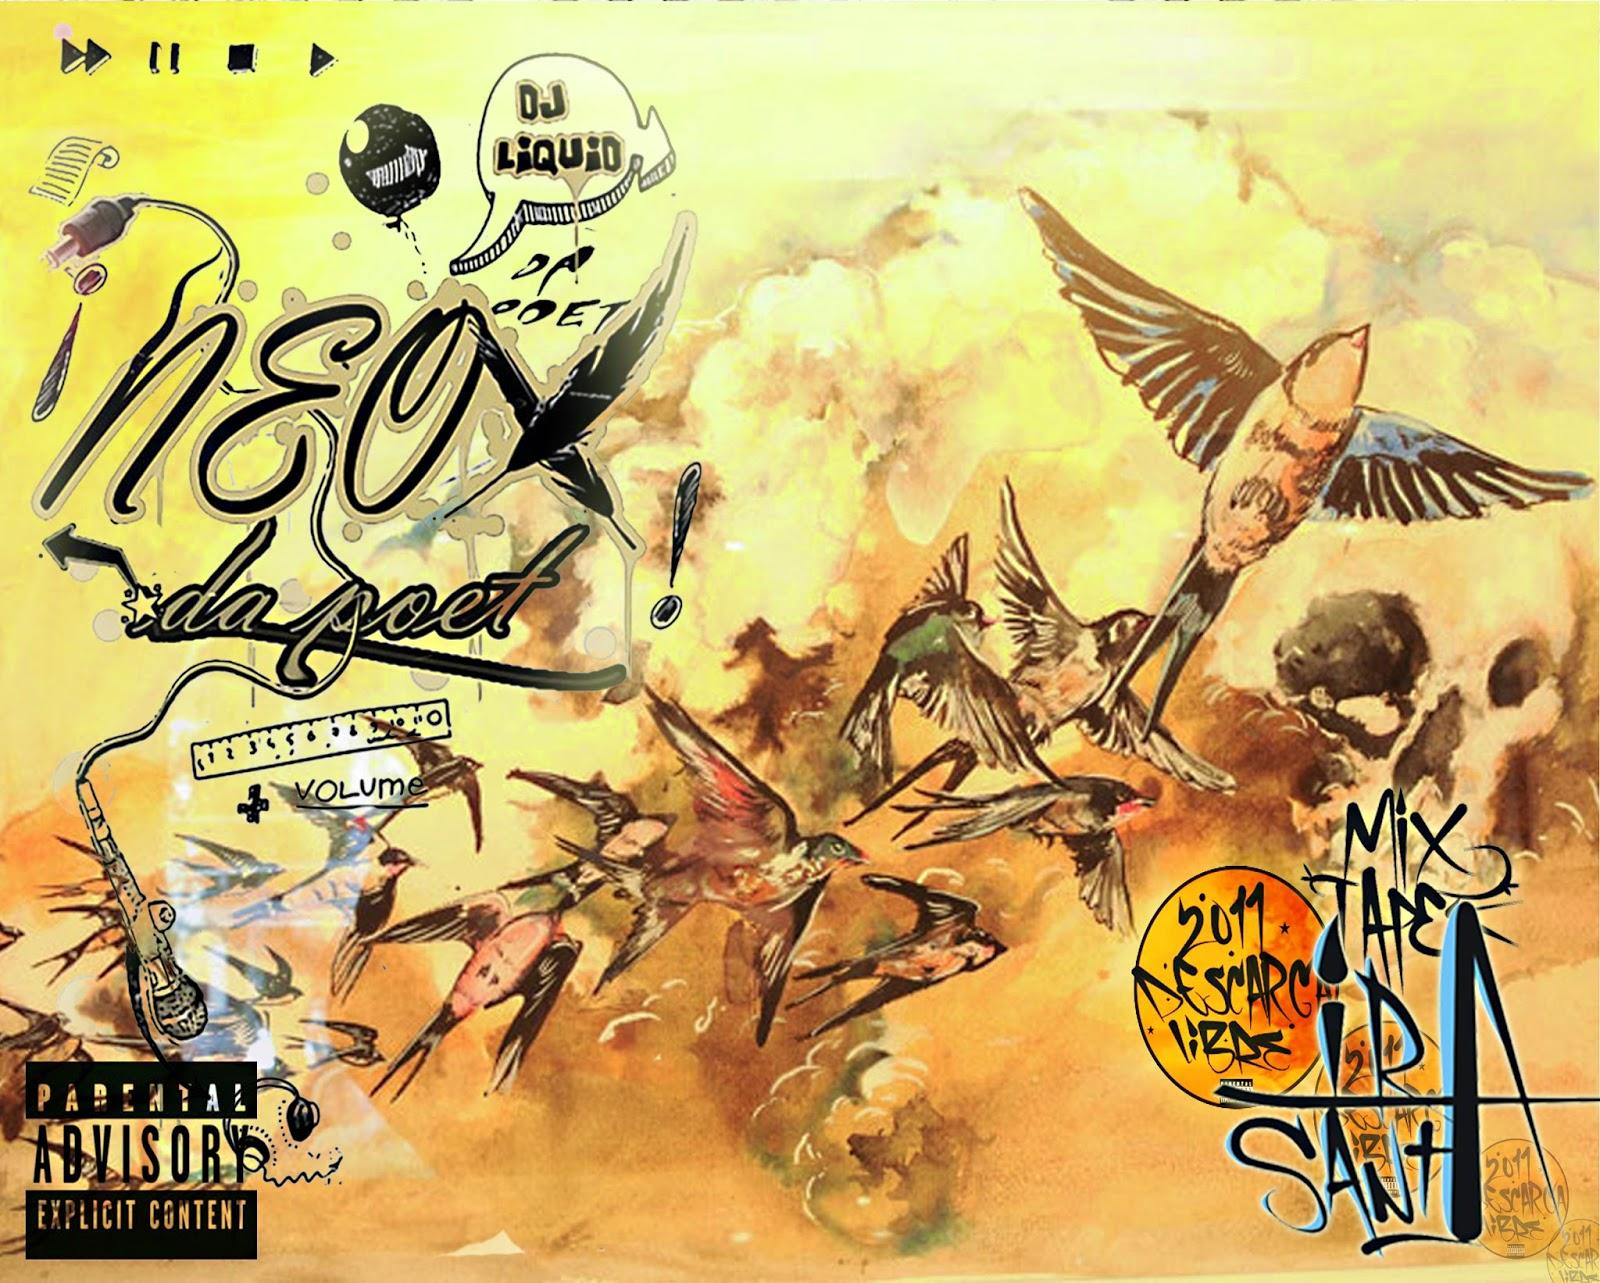 Neox Da Poet - Ira Santa 2011-2012 (Colombia)